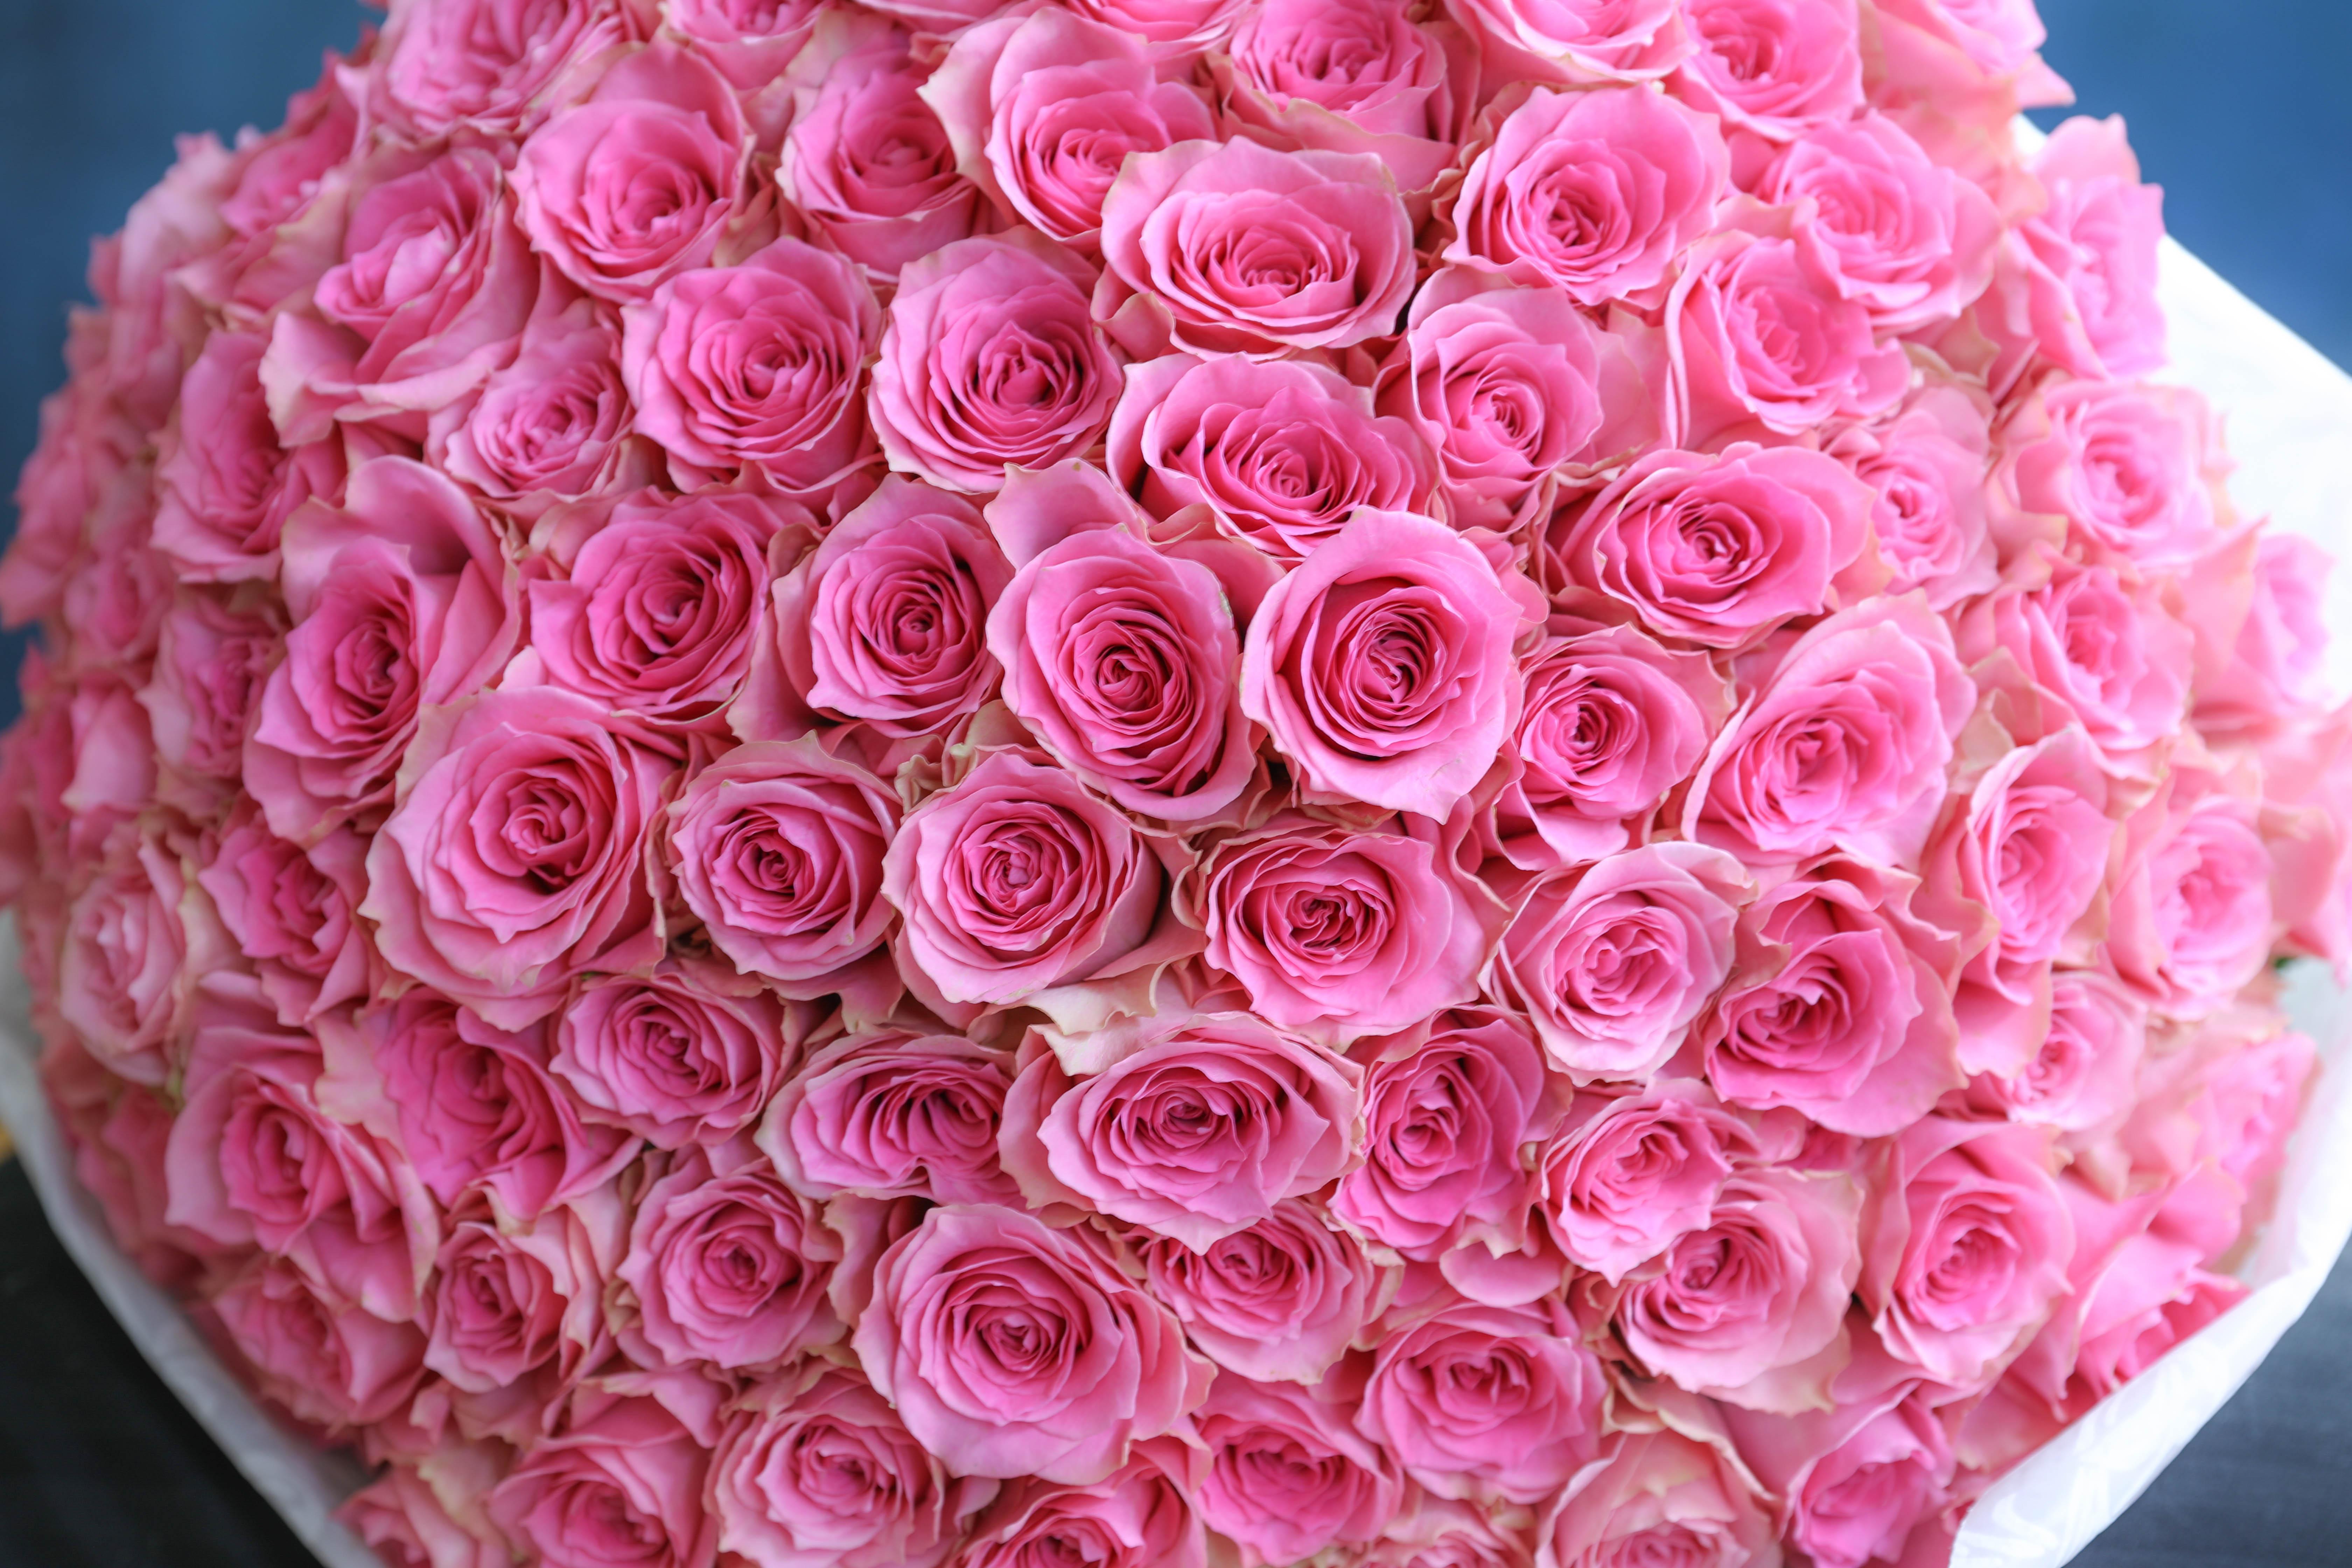 お誕生日に贈るバラ100本の花束制作動画 【2020.03.04撮影】